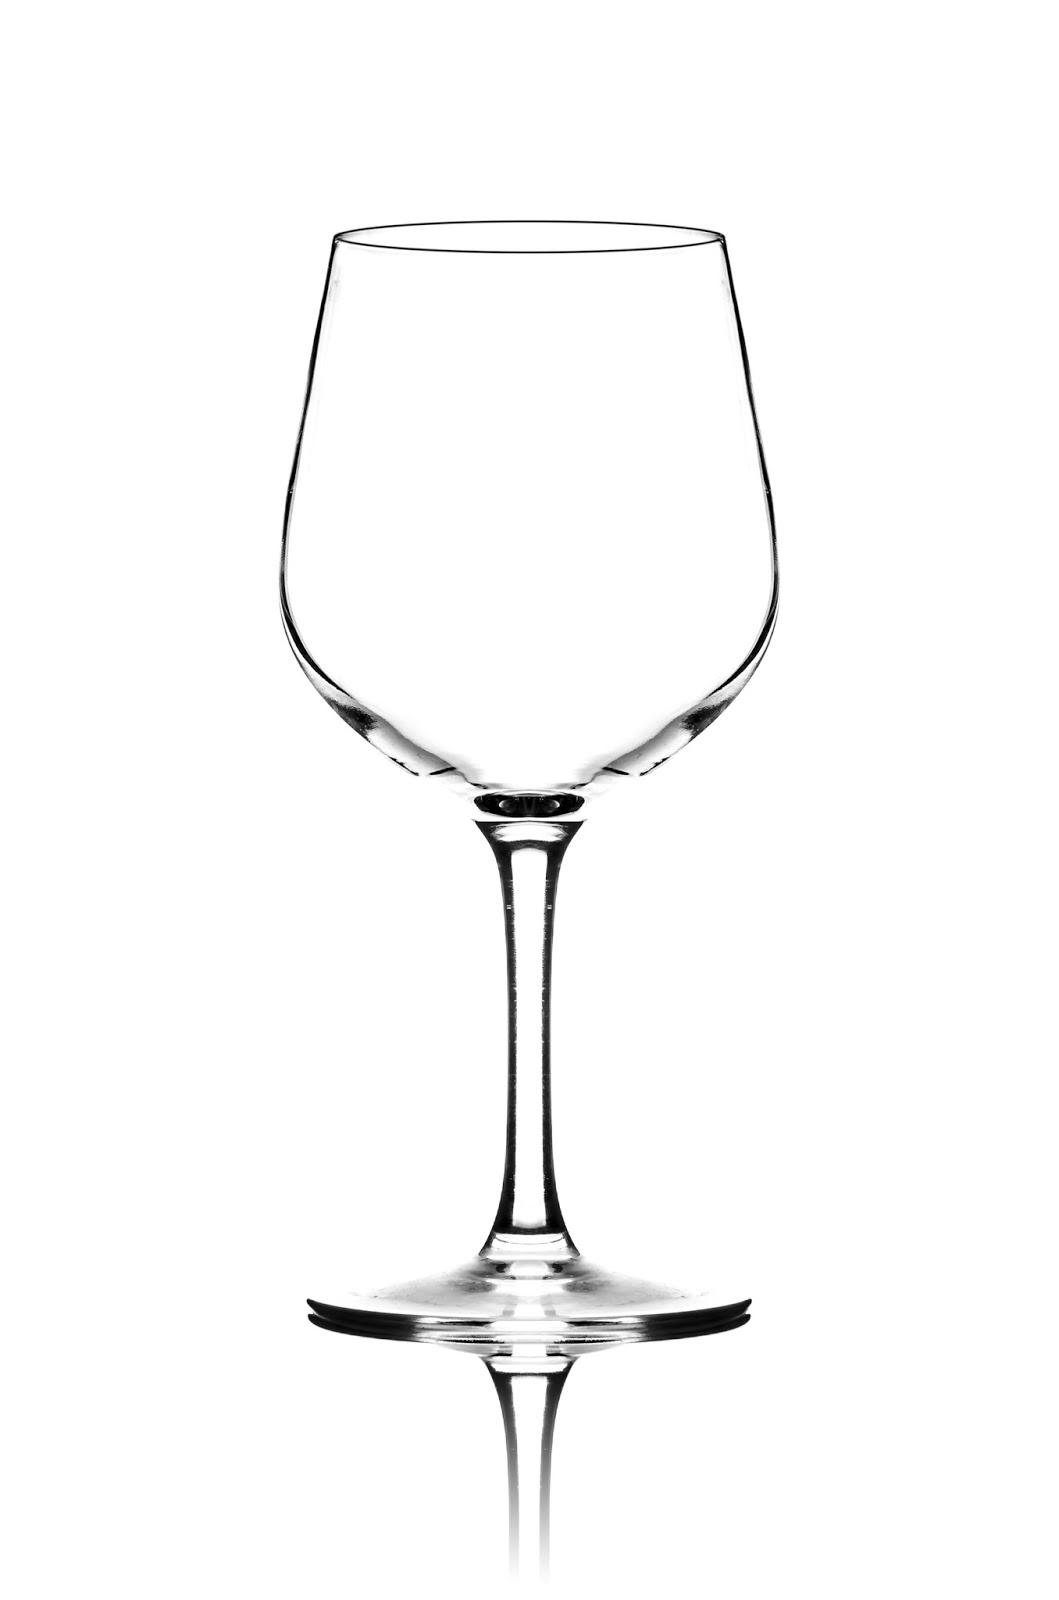 Съемка бокала для вина